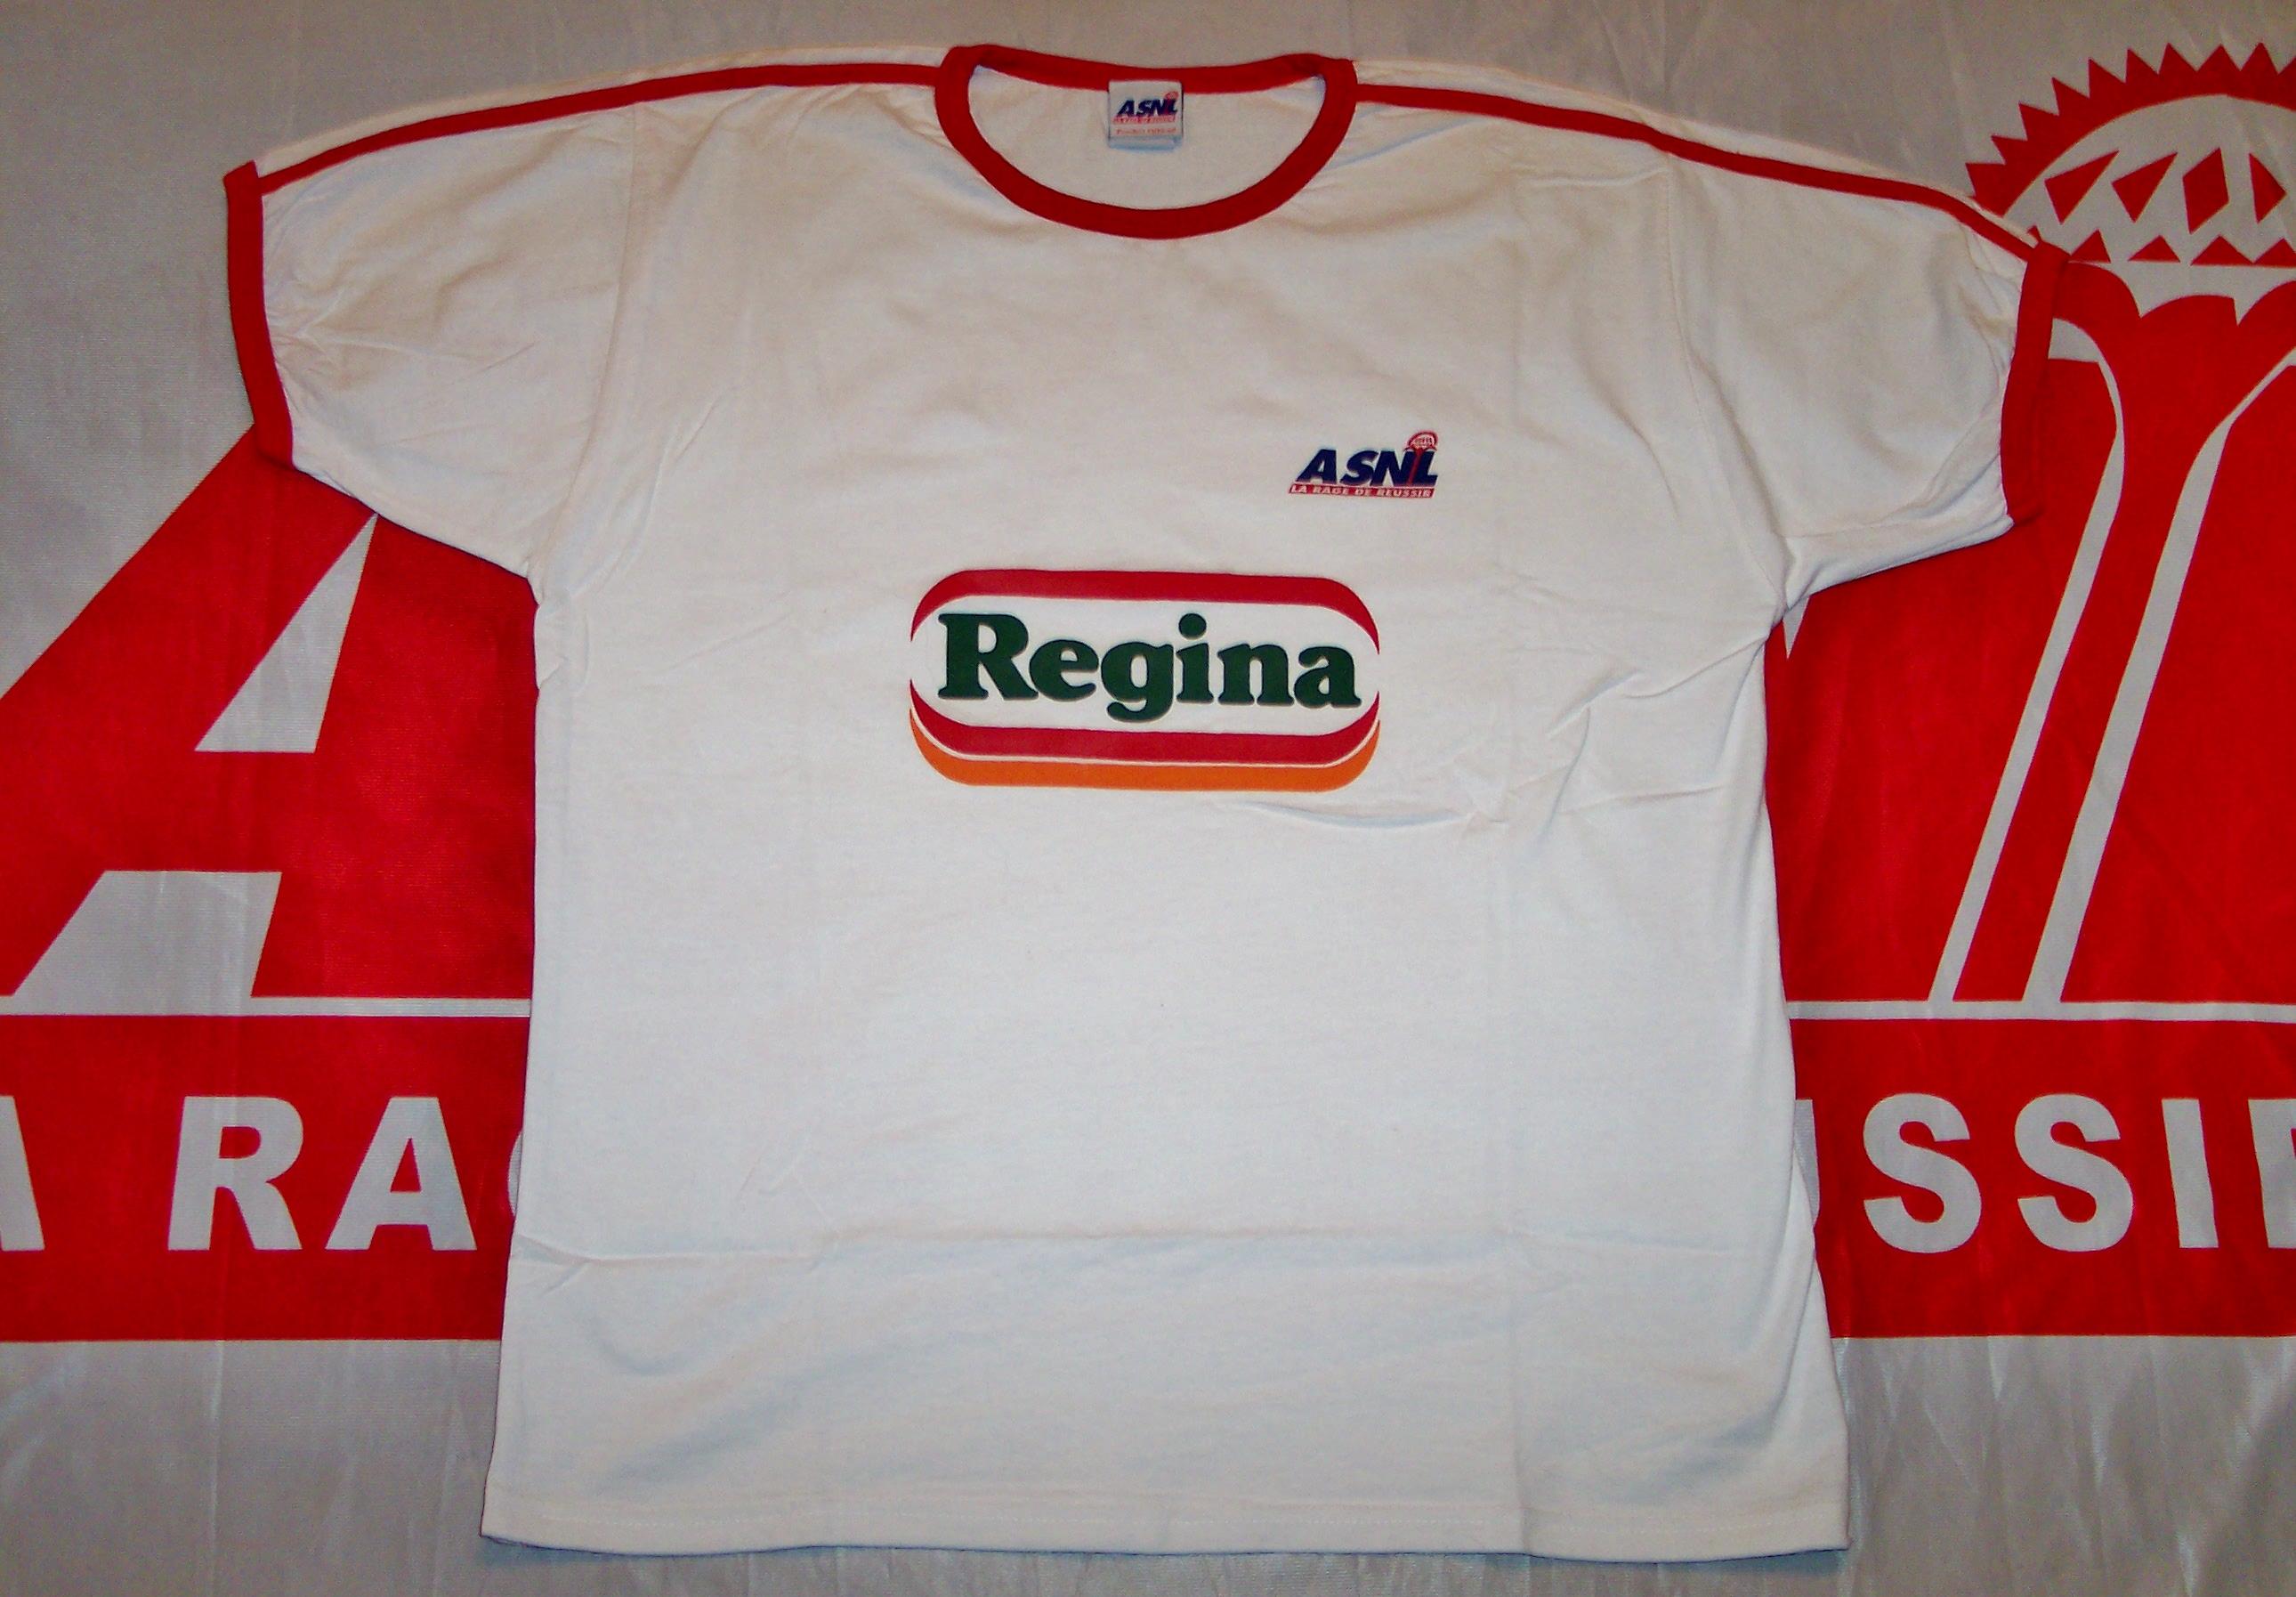 maillot ASNL Régina  (Collection : ASNL-Infos)